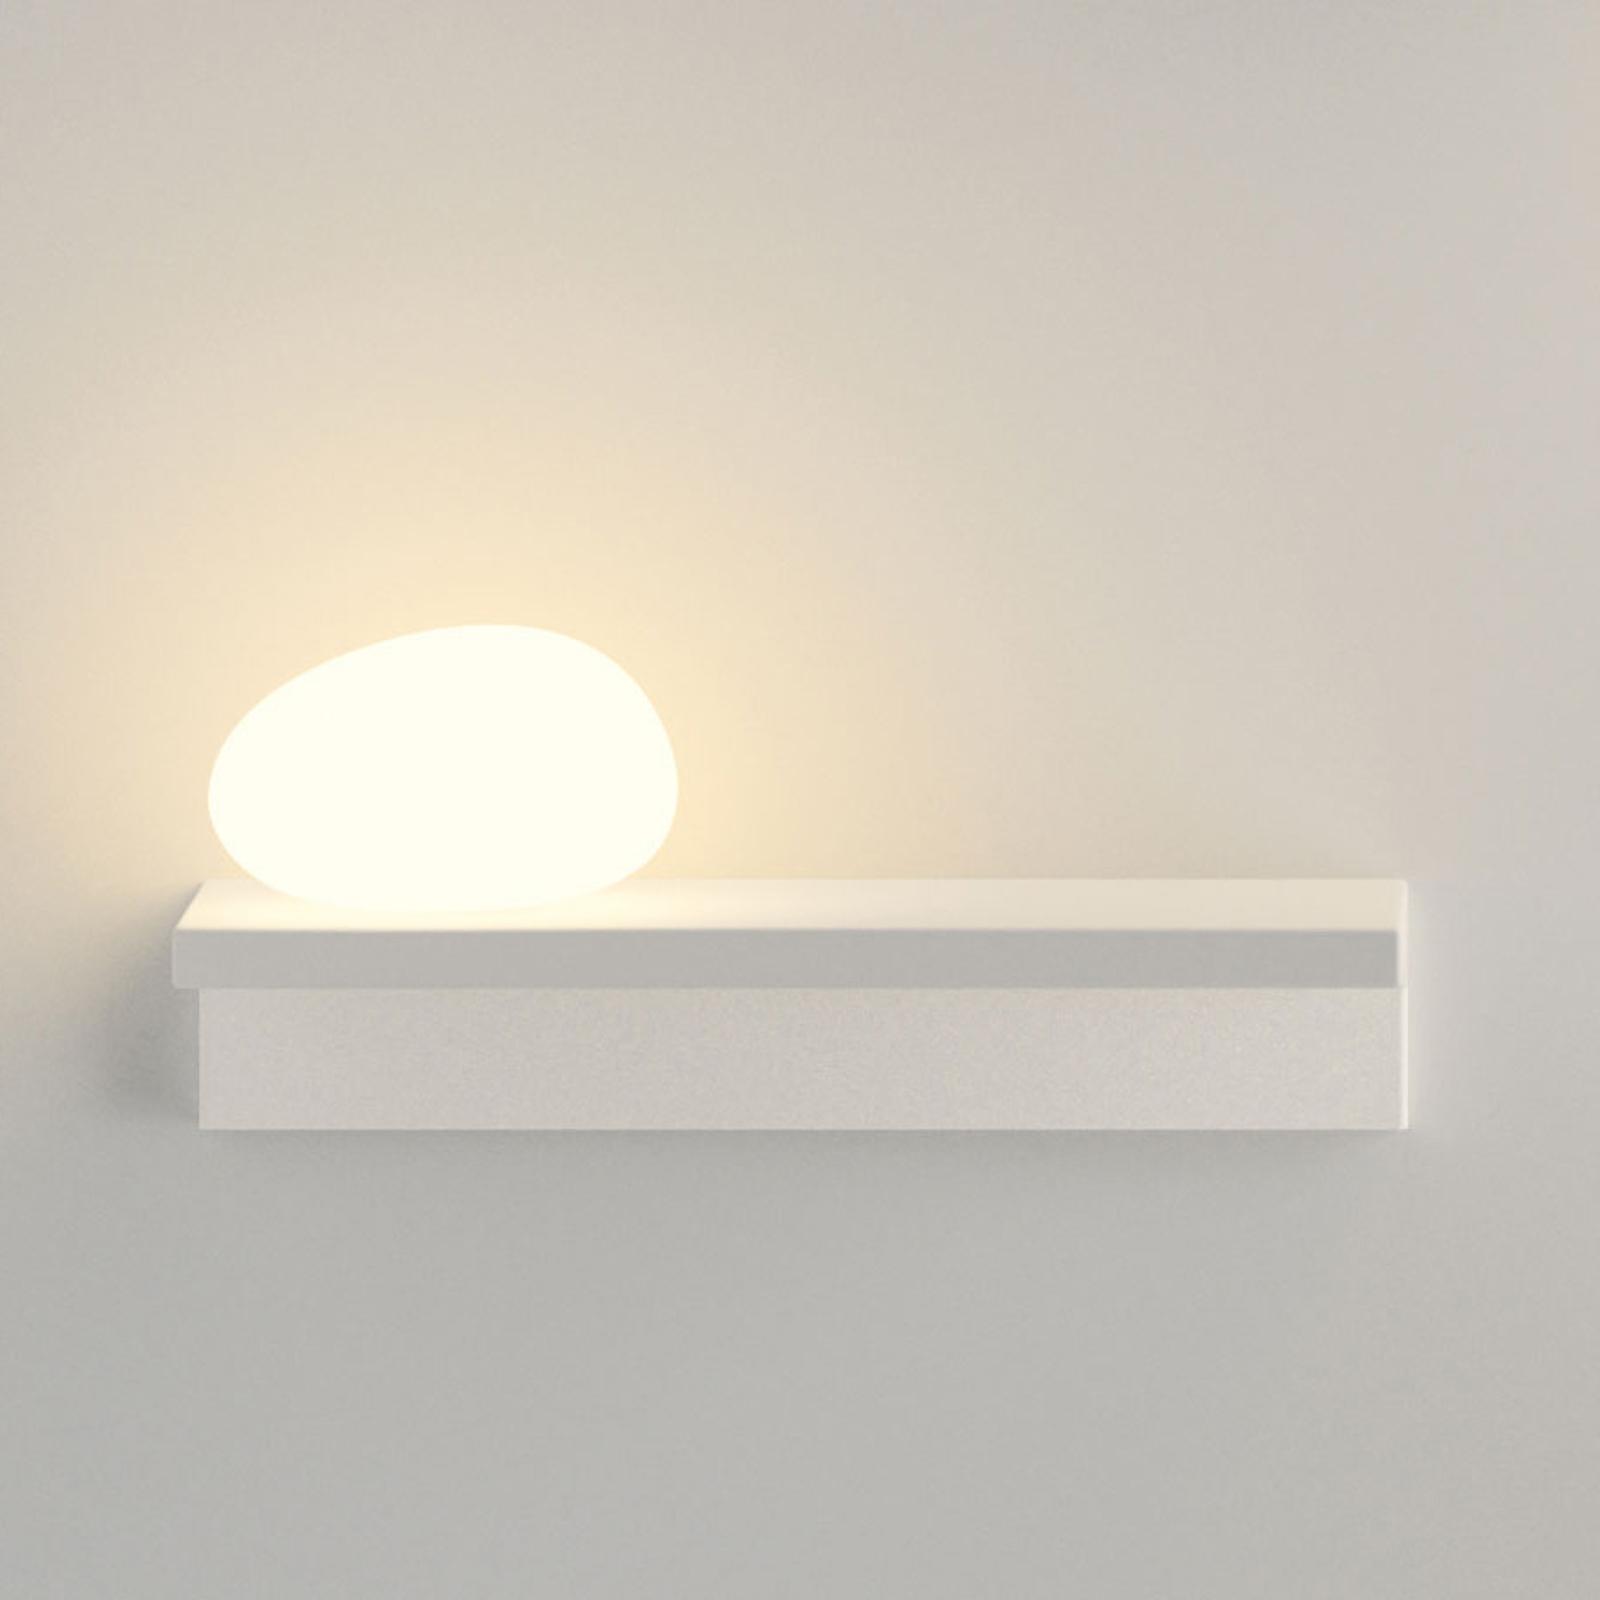 Applique LED Suite 14cm, au design soigné